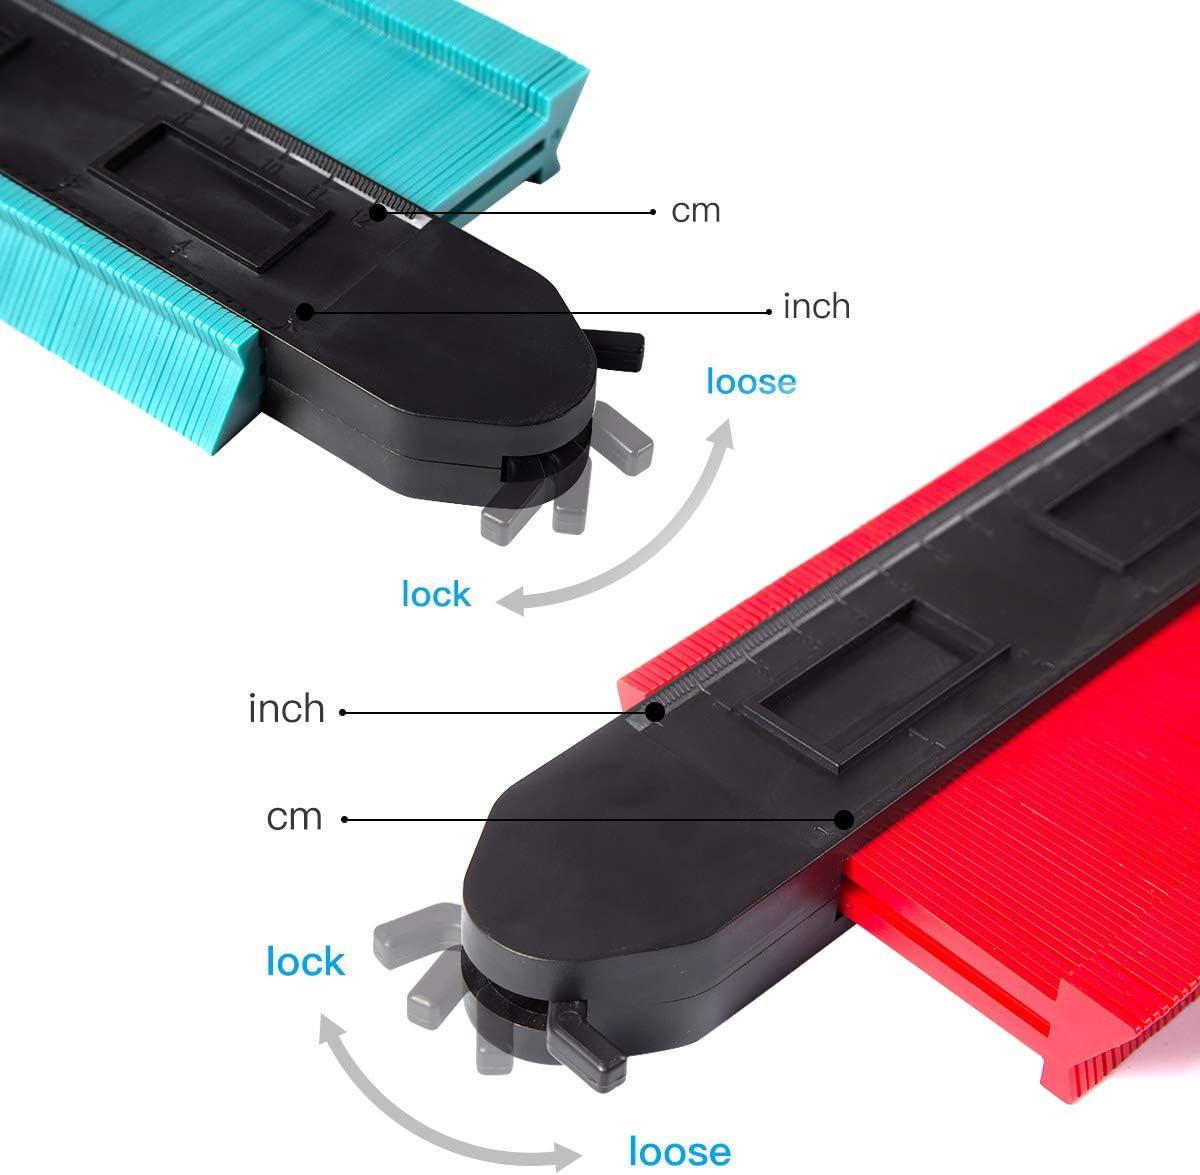 dispositivo de medici/ón con escala ideal para perfil irregular azulejos etc. Medidor de contornos con bloqueo 250 mm y 120 mm laminado herramienta duplicador grande